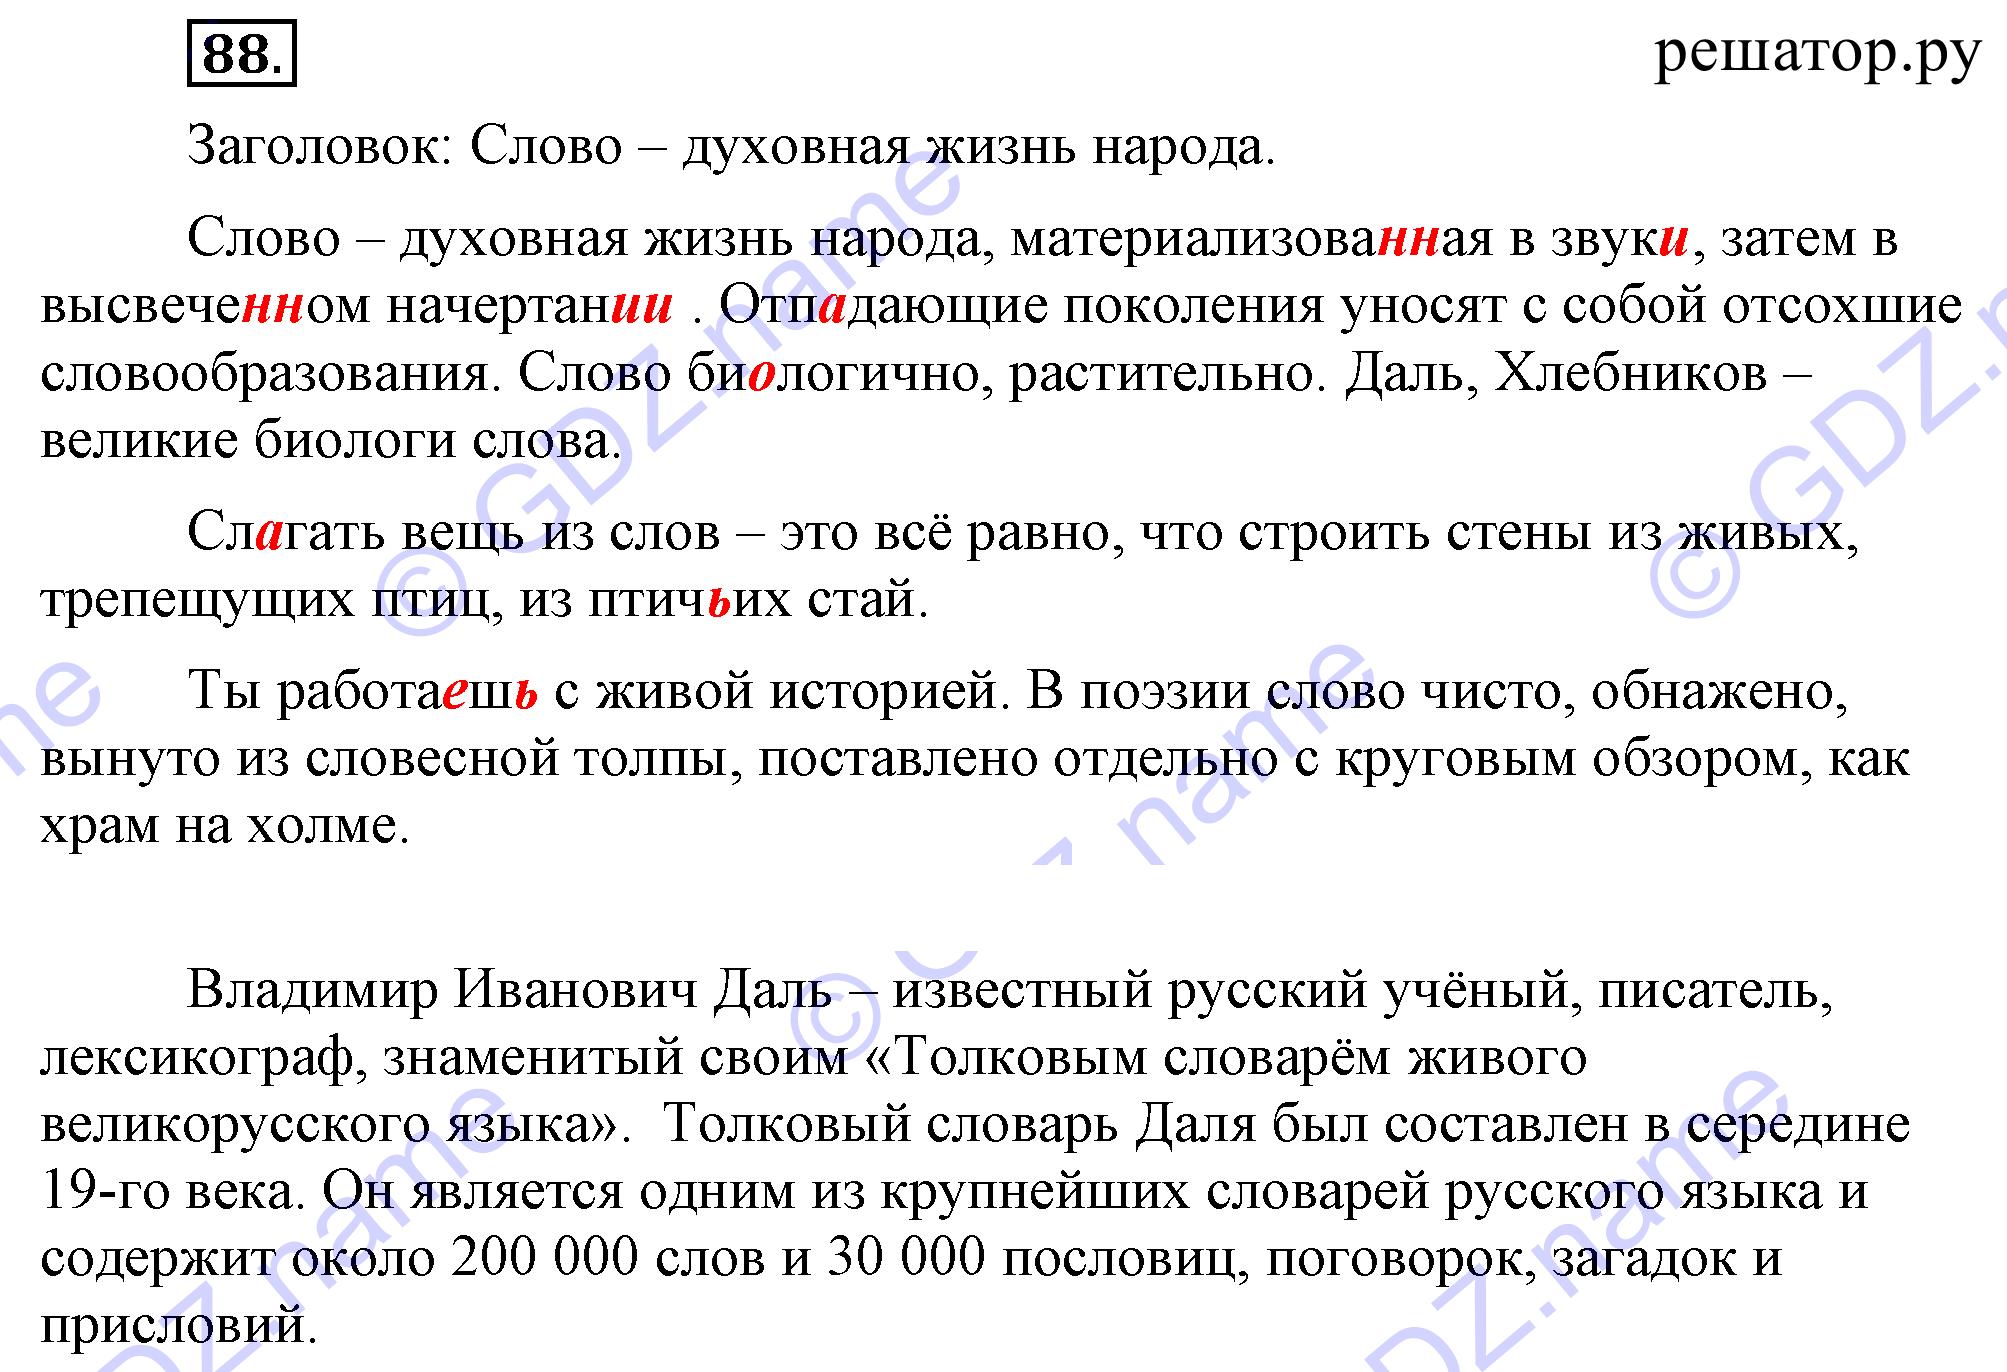 Гдз по русскому языку 8 класса разумовская дрофа 2018 года